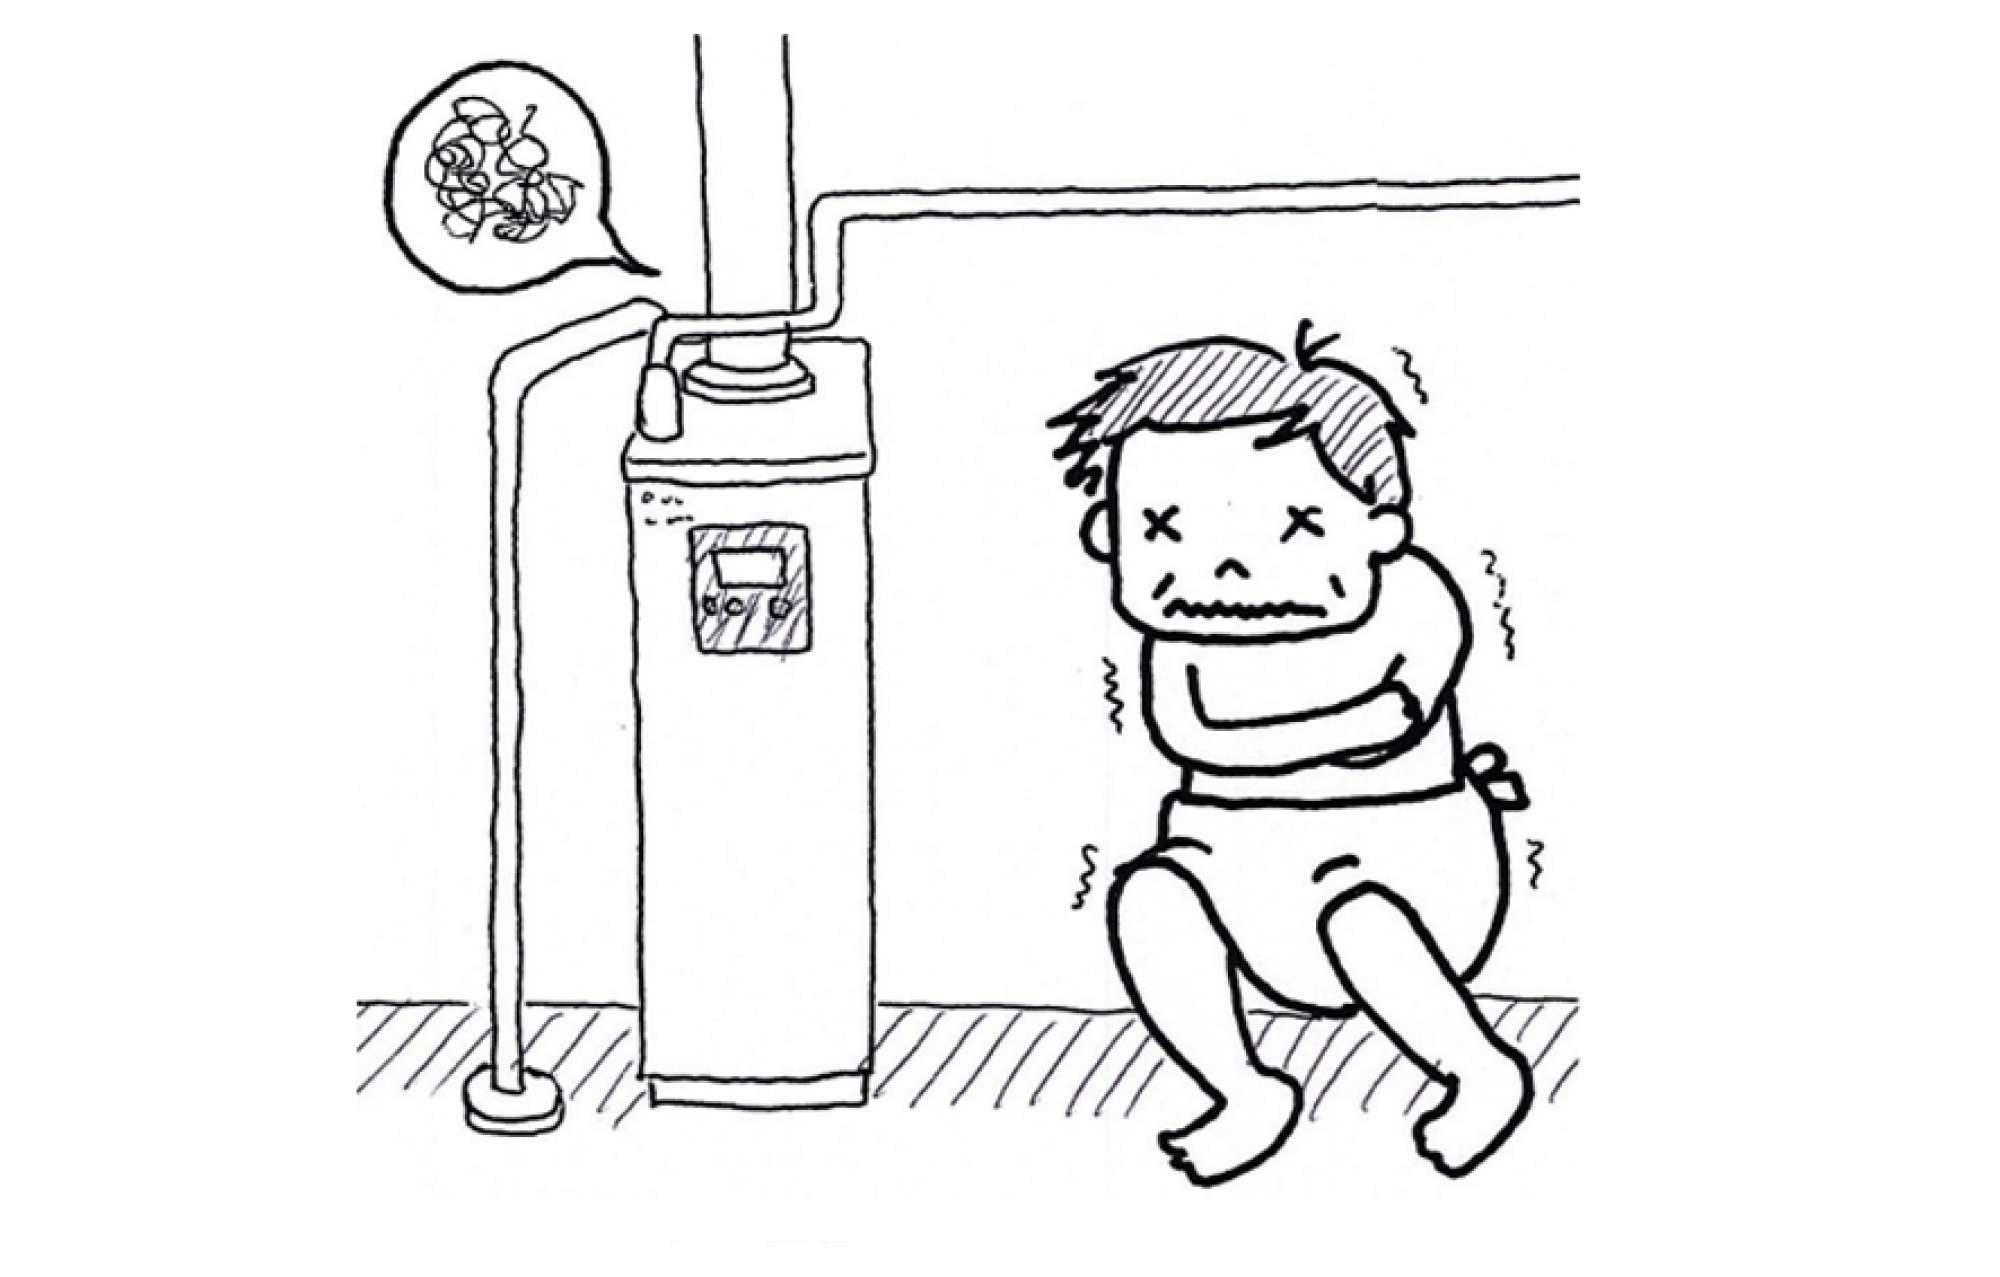 - 3月の下旬、番場自宅の暖房ボイラー(セントラルヒーティング)から不凍液が漏れ、ボイ ラーを設置している2階の脱衣場の床が水びたしになり大慌て。洗面台や洗濯機の下がビショビショになり、1階の部屋の天井にも水がしたたり落ちました。翌日、業者に見てもらったところ、ボイラーはもう寿命とのこと。新しいボイラーを準備するまで5日ほどかかると言われました。3月は暖房なしではまだまだ辛い季節。ボイラーがない間は家じゅうどこにいても寒く、お風呂のために服を脱ぐのも嫌になるほど。結果、その数日間で家族全員がカゼをひいてしまいました。このような万が一に備えて暖をとるための簡易ストーブを用意しておかなければならないなぁ、ということを教訓として学びました。ボイラーは、10年を過ぎたあたりが交換時期といわれています 。(ちなみに自宅のボイラーは、13年使用)。皆さまも、10年をめどに交換を検討したり、交換に備えて費用を準備しておいてはいかがでしょうか。バンバ -  -